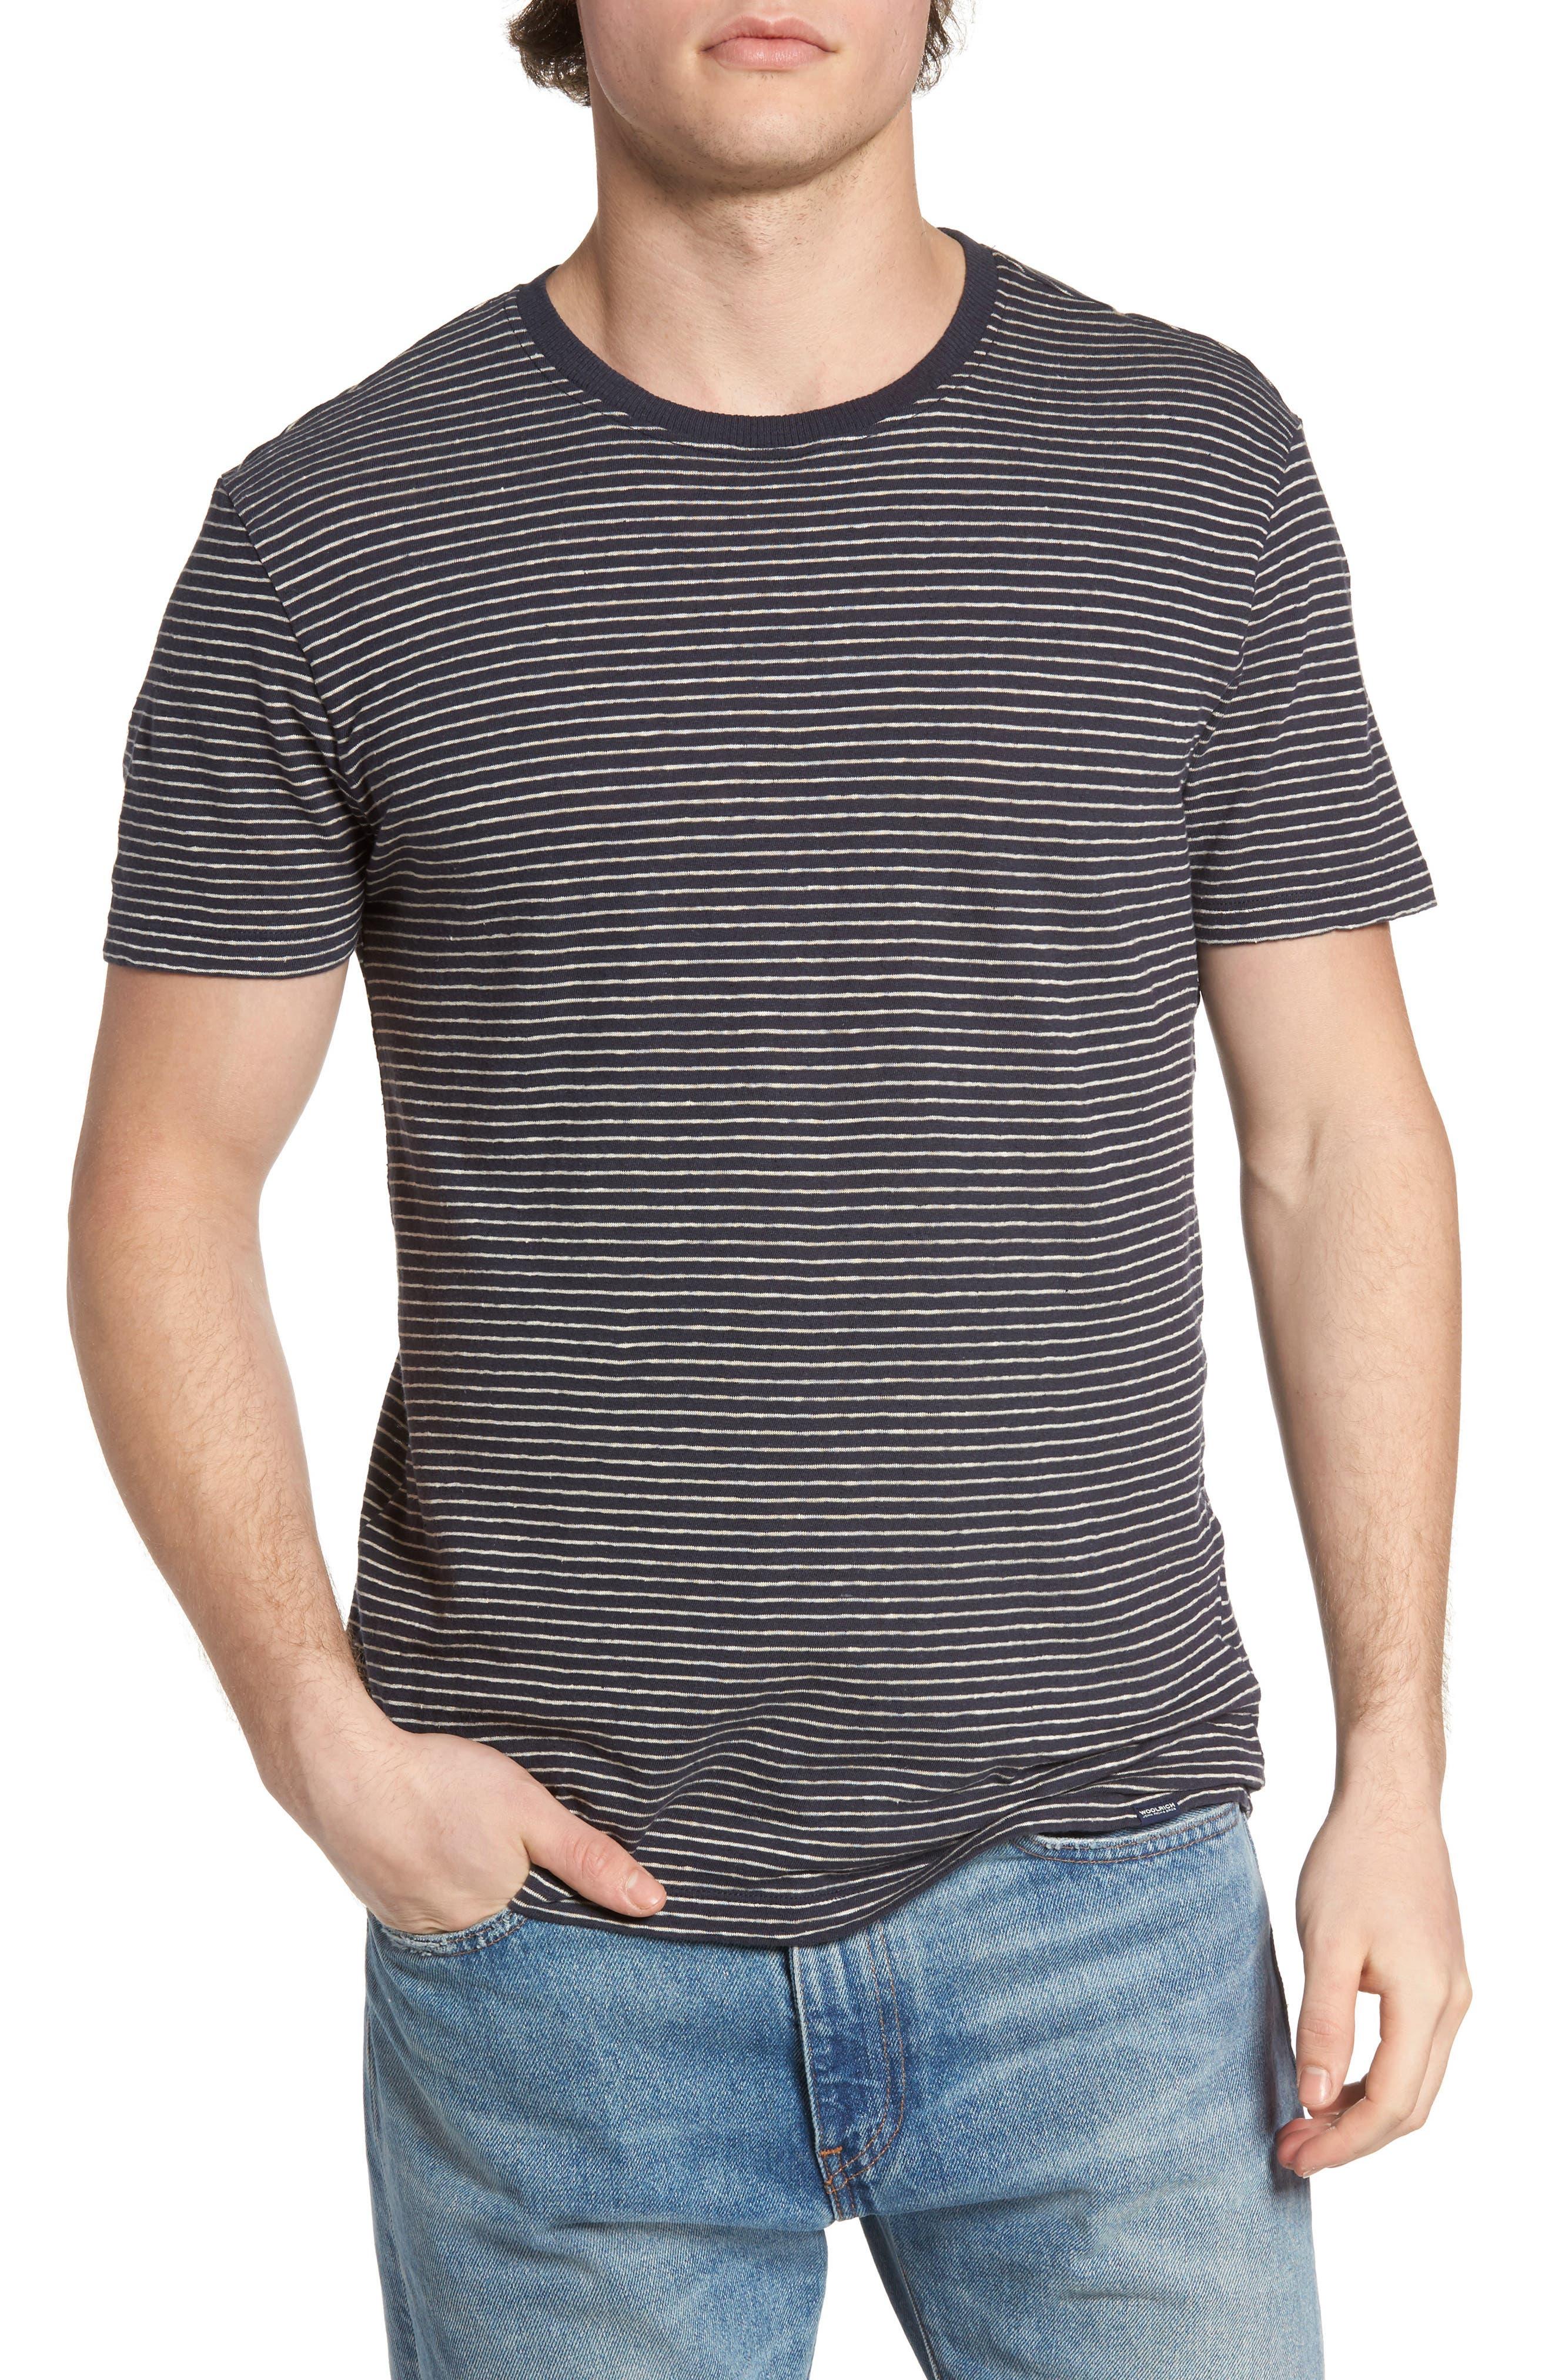 WOOLRICH JOHN RICH & BROS. Woolrich John Rich Stripe Cotton & Linen T-Shirt